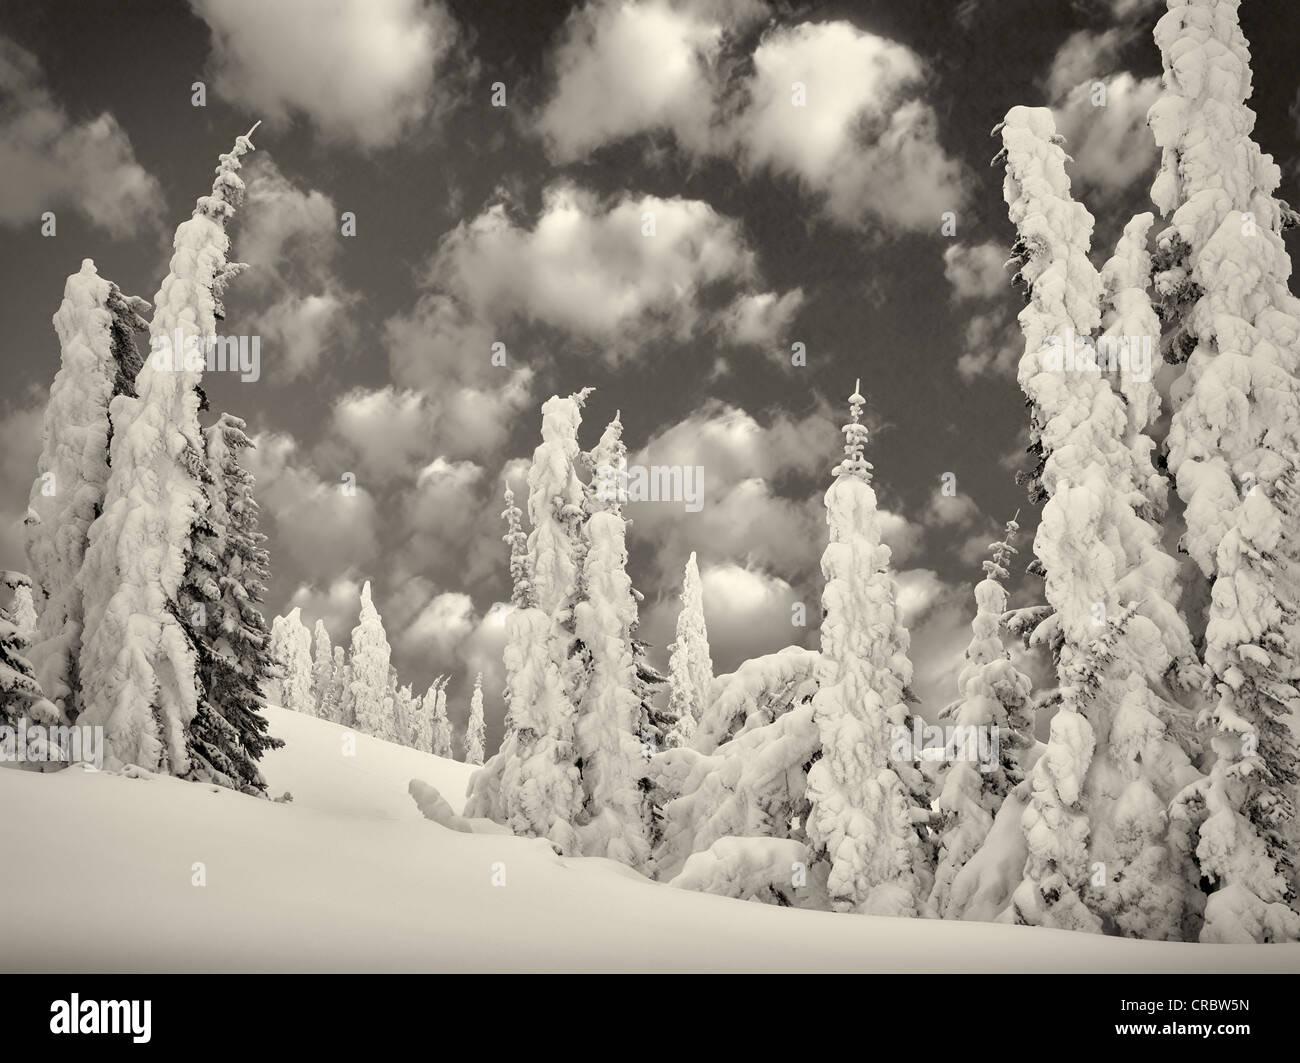 Schnee auf den Bäumen. Mt. Rainier Nationalpark, Washington Stockfoto